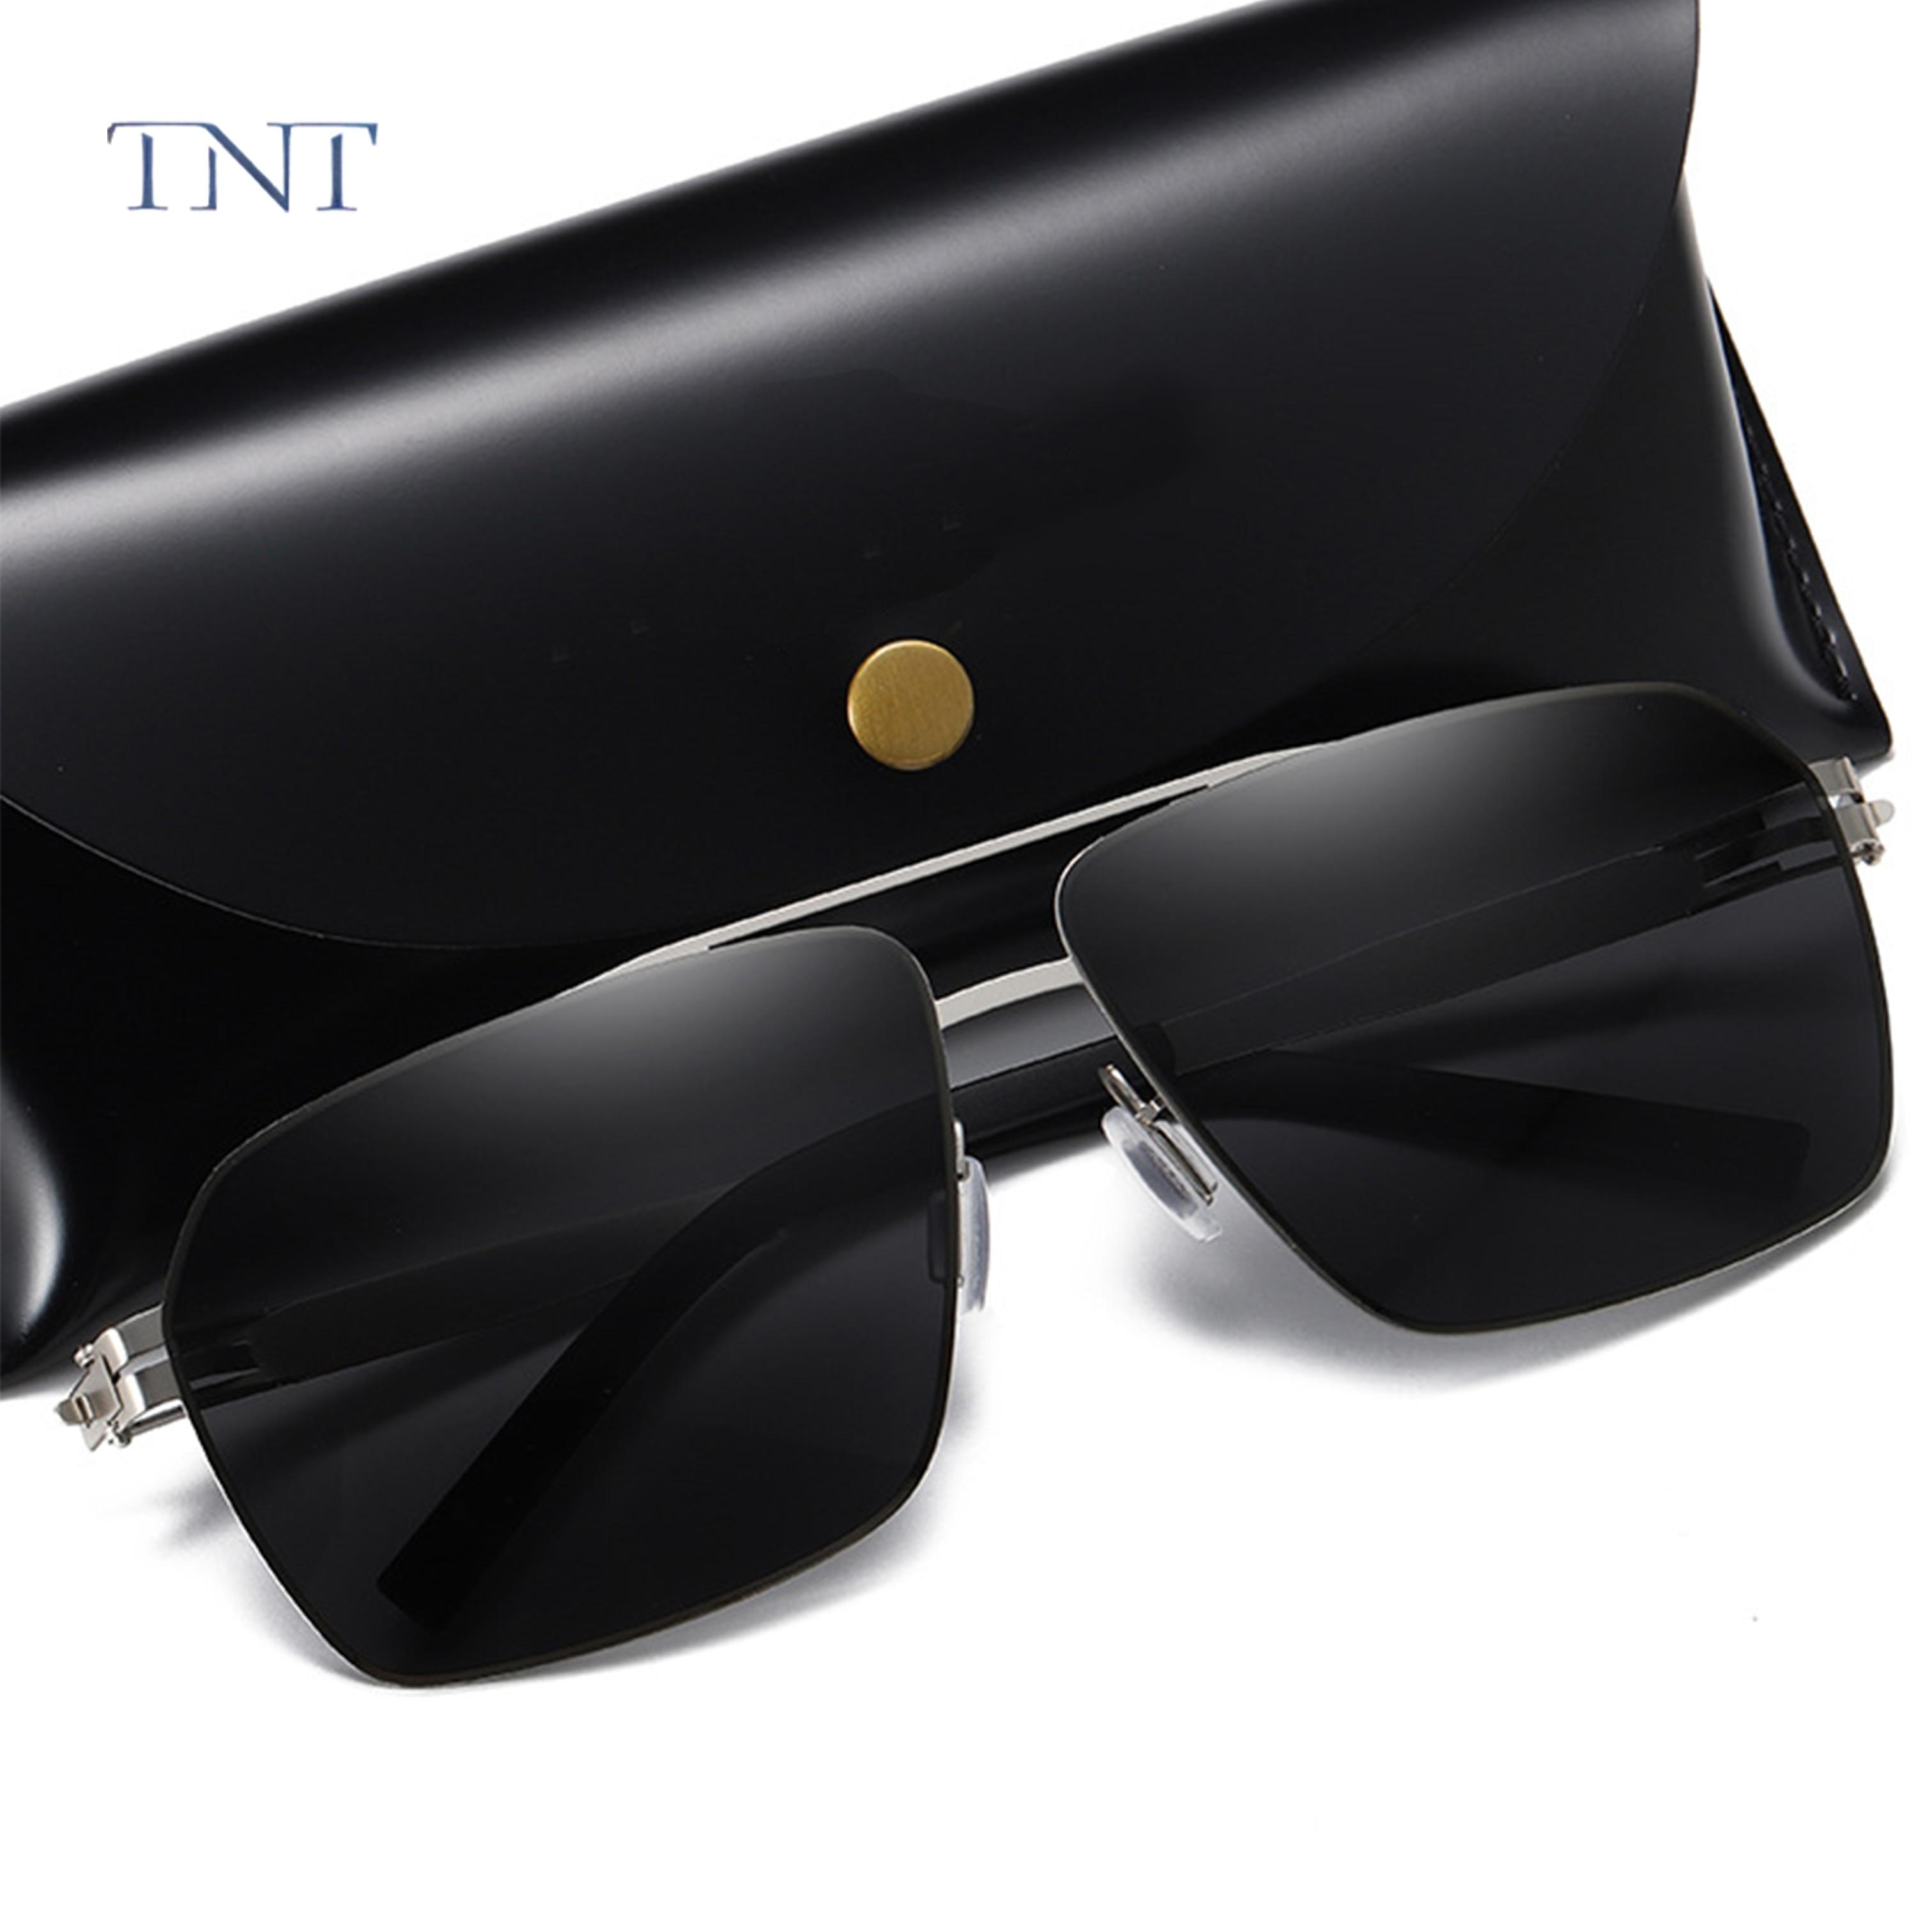 Tnt 2020 брендовые поляризованные солнцезащитные очки для мужчин